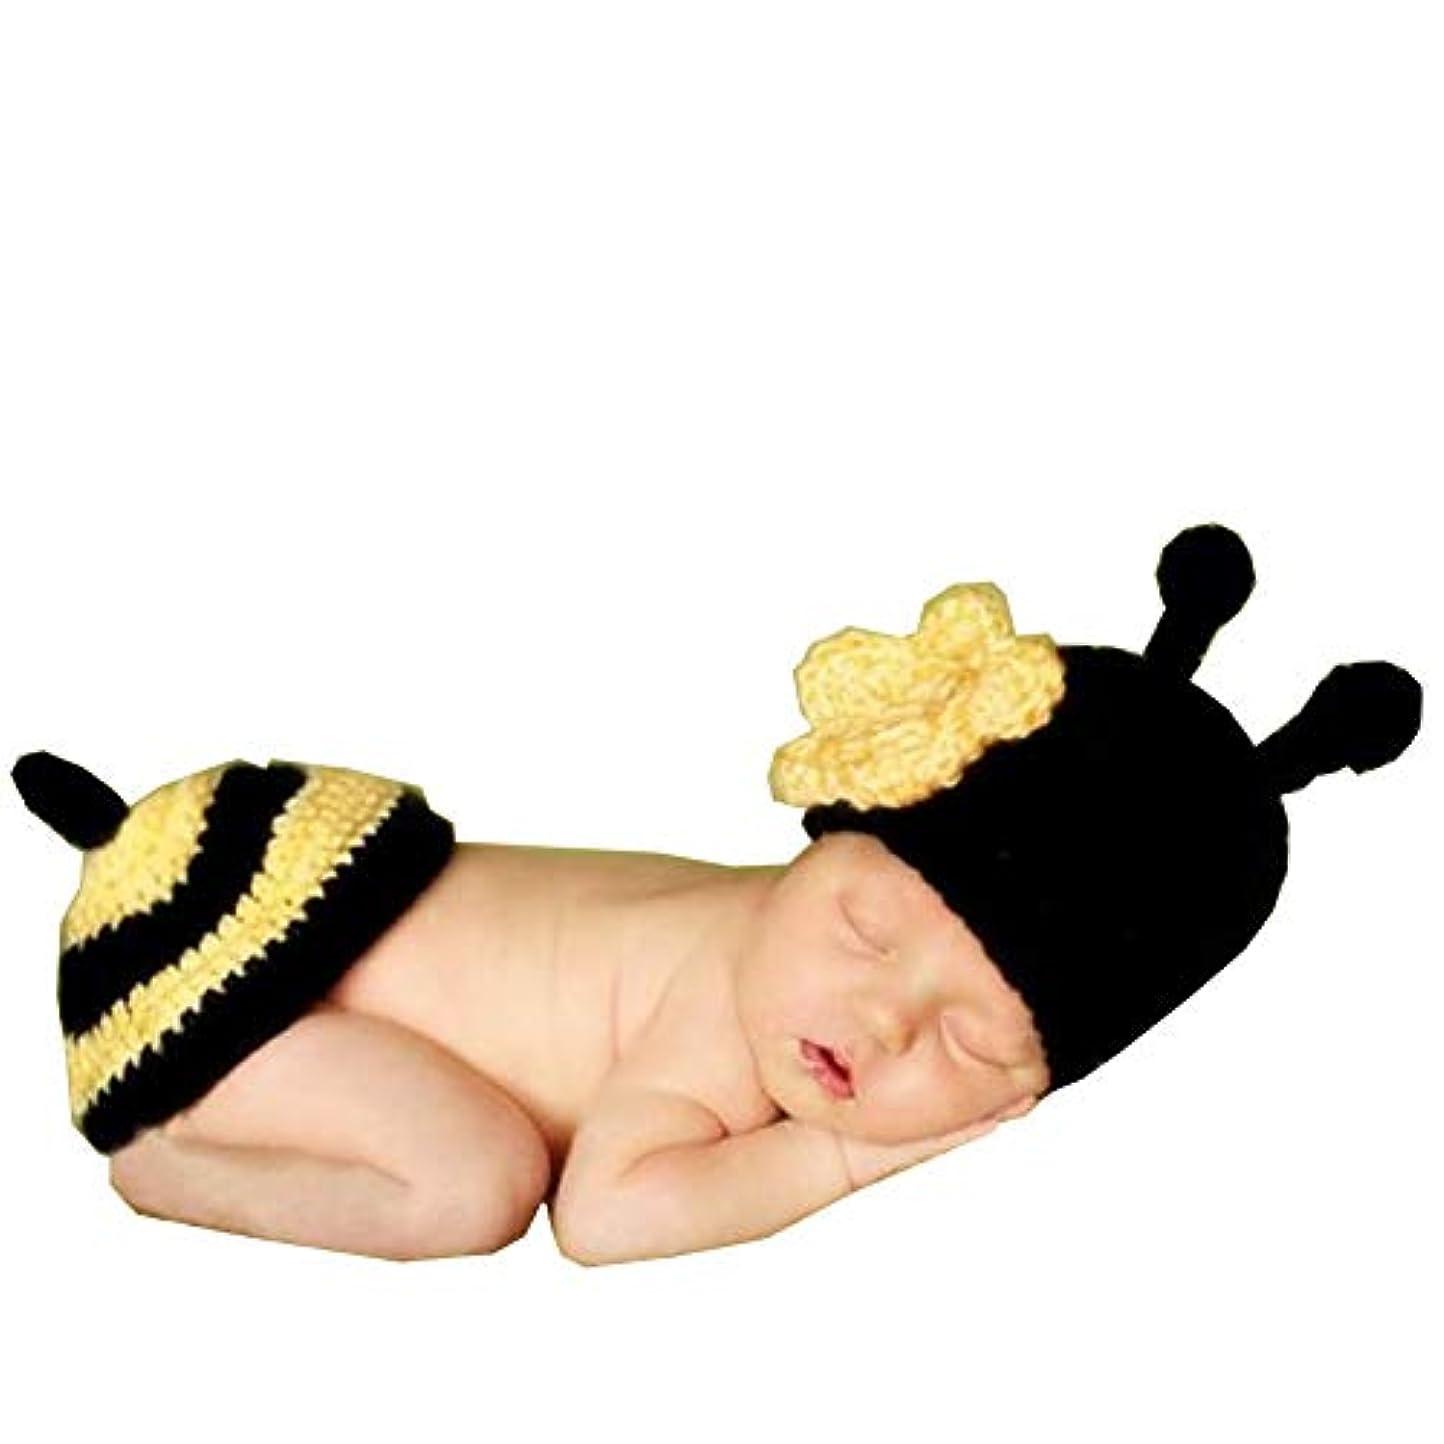 責風刺ファイアルベビー用着ぐるみ 寝相アート ベビーコスチューム 新生児 赤ちゃん 写真を撮る道具